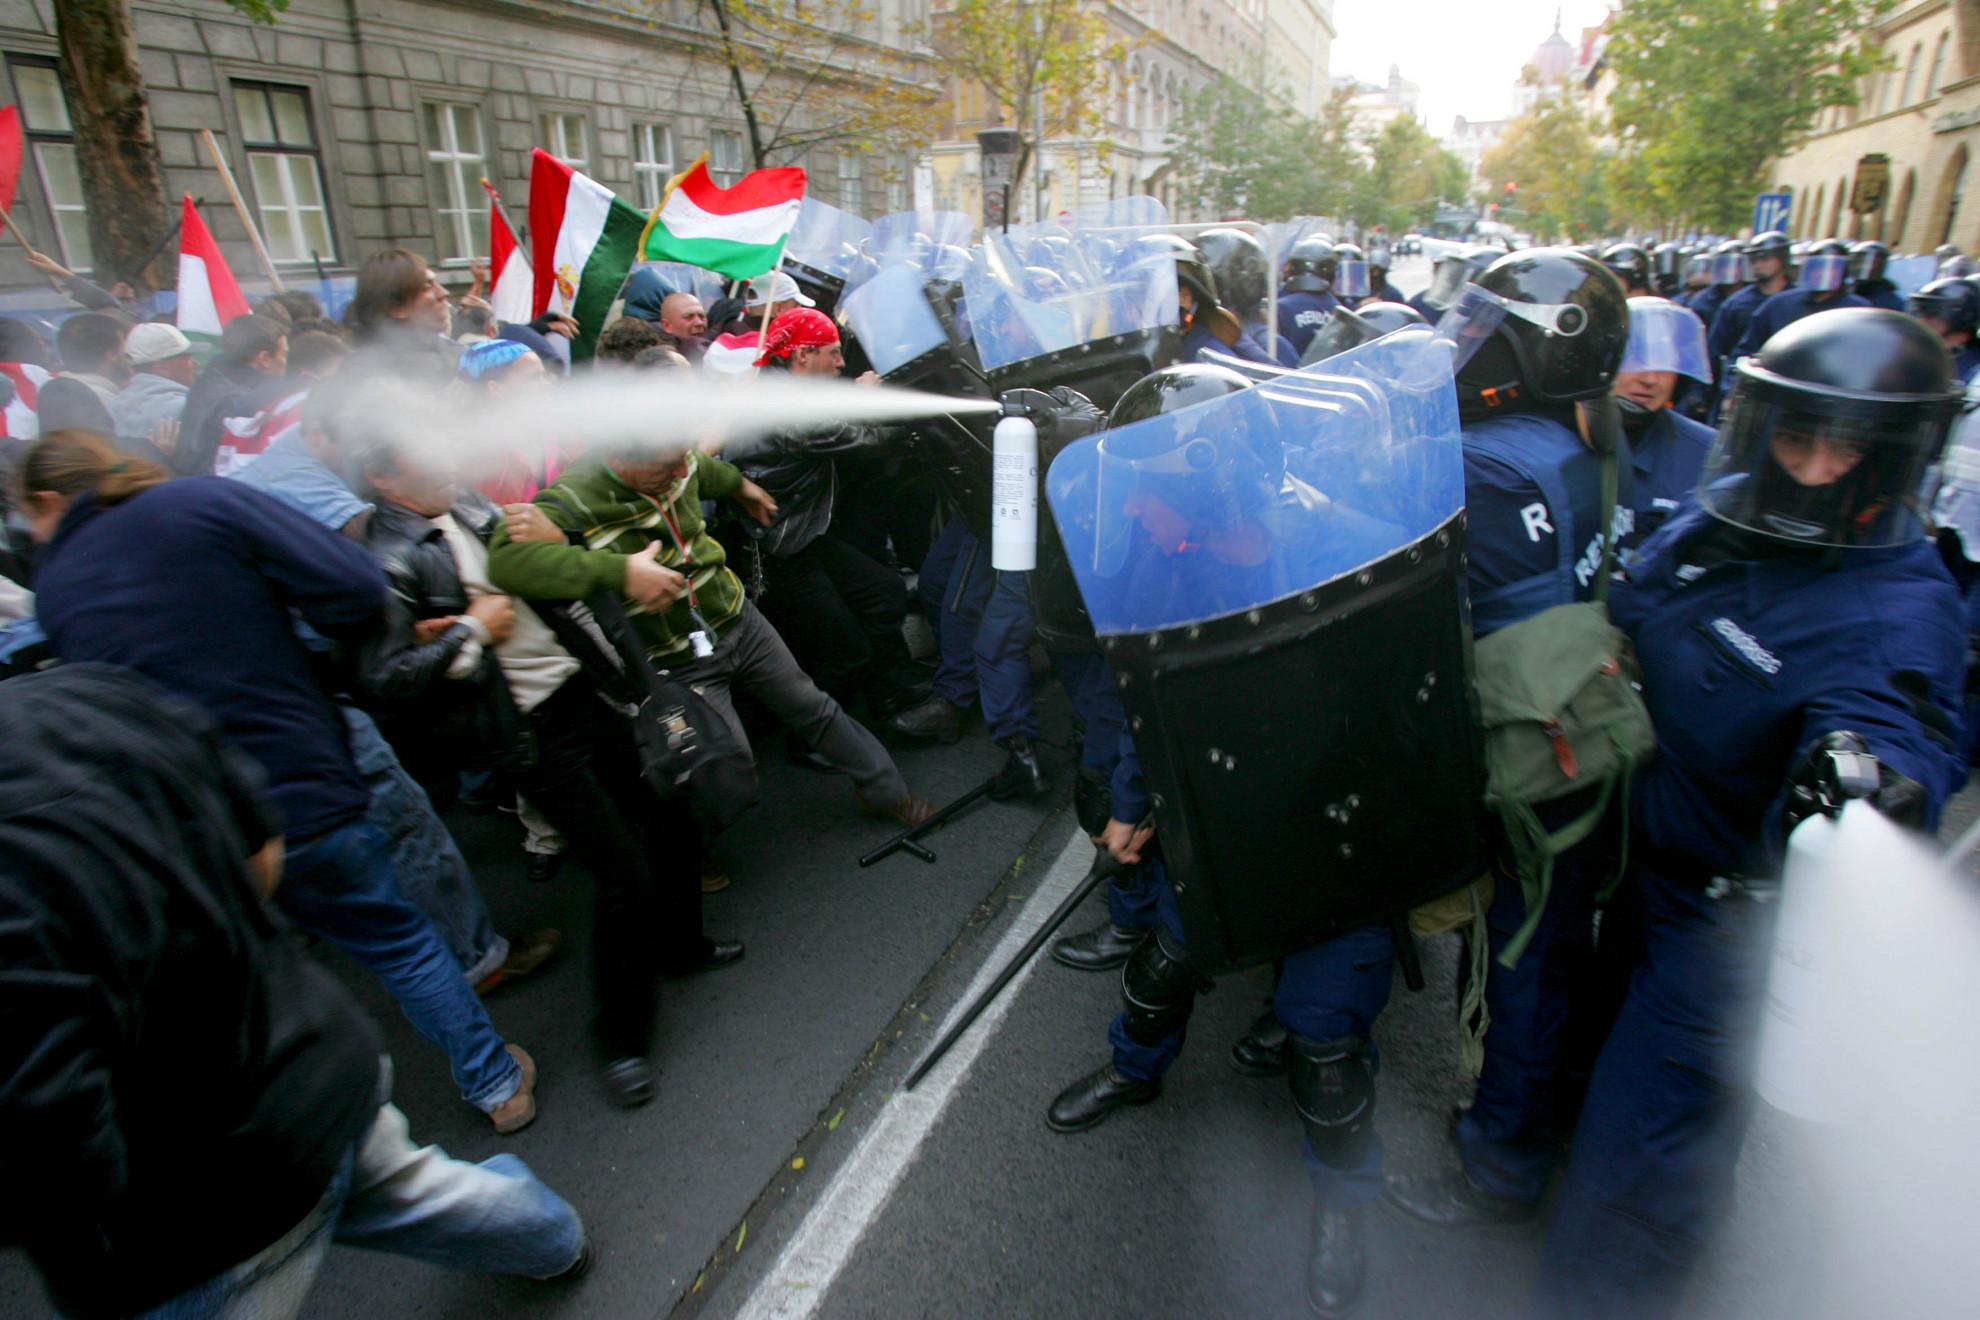 Az őszödi beszéd utáni tüntetéseken a rendőrség rátámadt a demonstrálókra